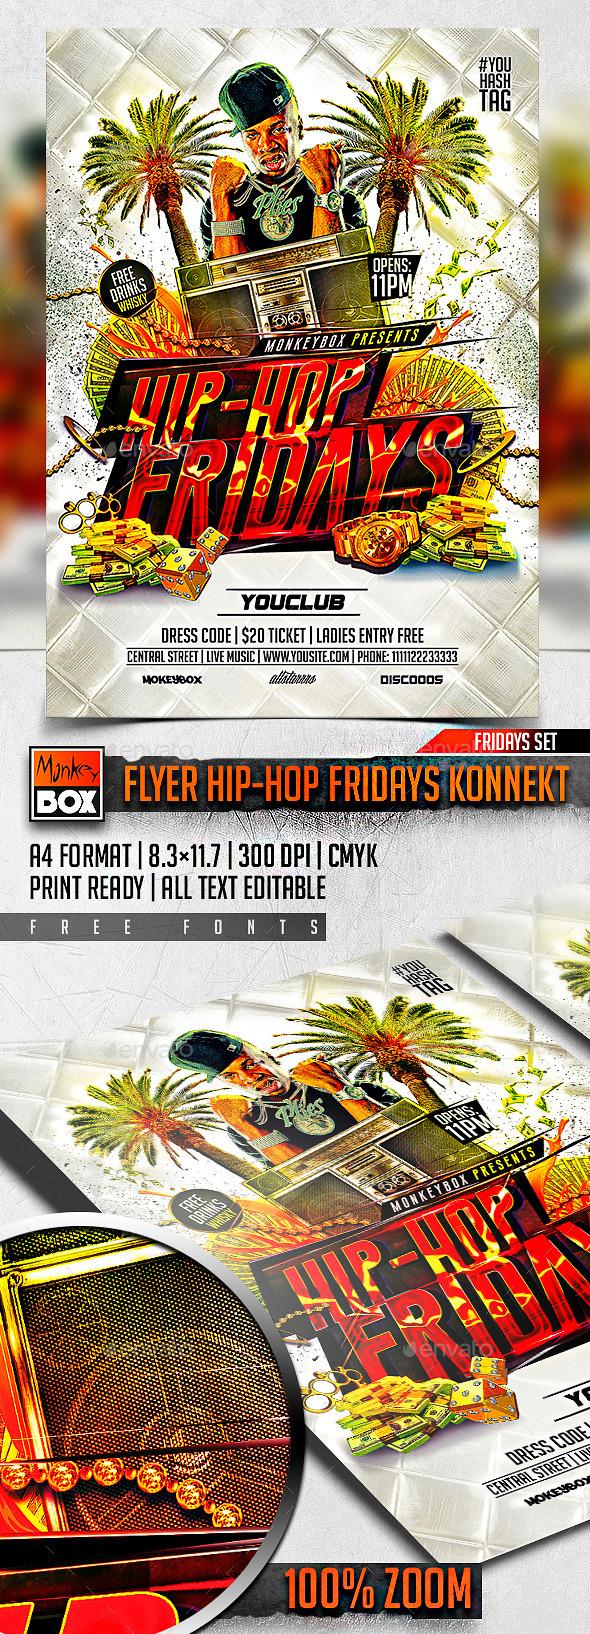 GraphicRiver Flyer Hip-Hop Fridays Konnekt 10964201